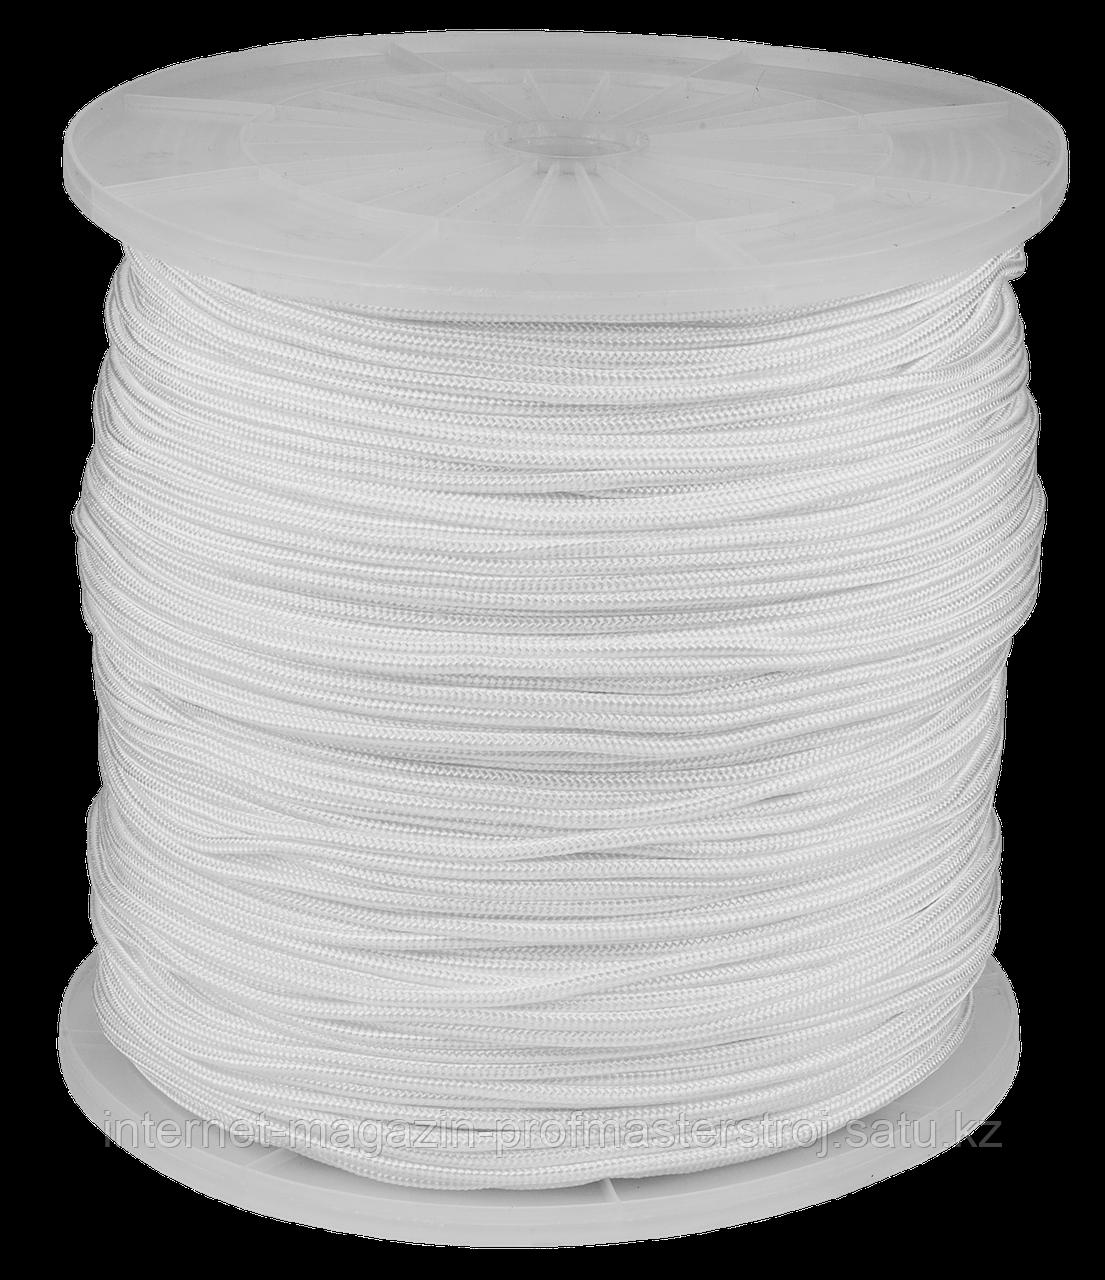 Шнур полиамидный плетеный, 5 мм x 700 м, белый, серия «МАСТЕР», STAYER